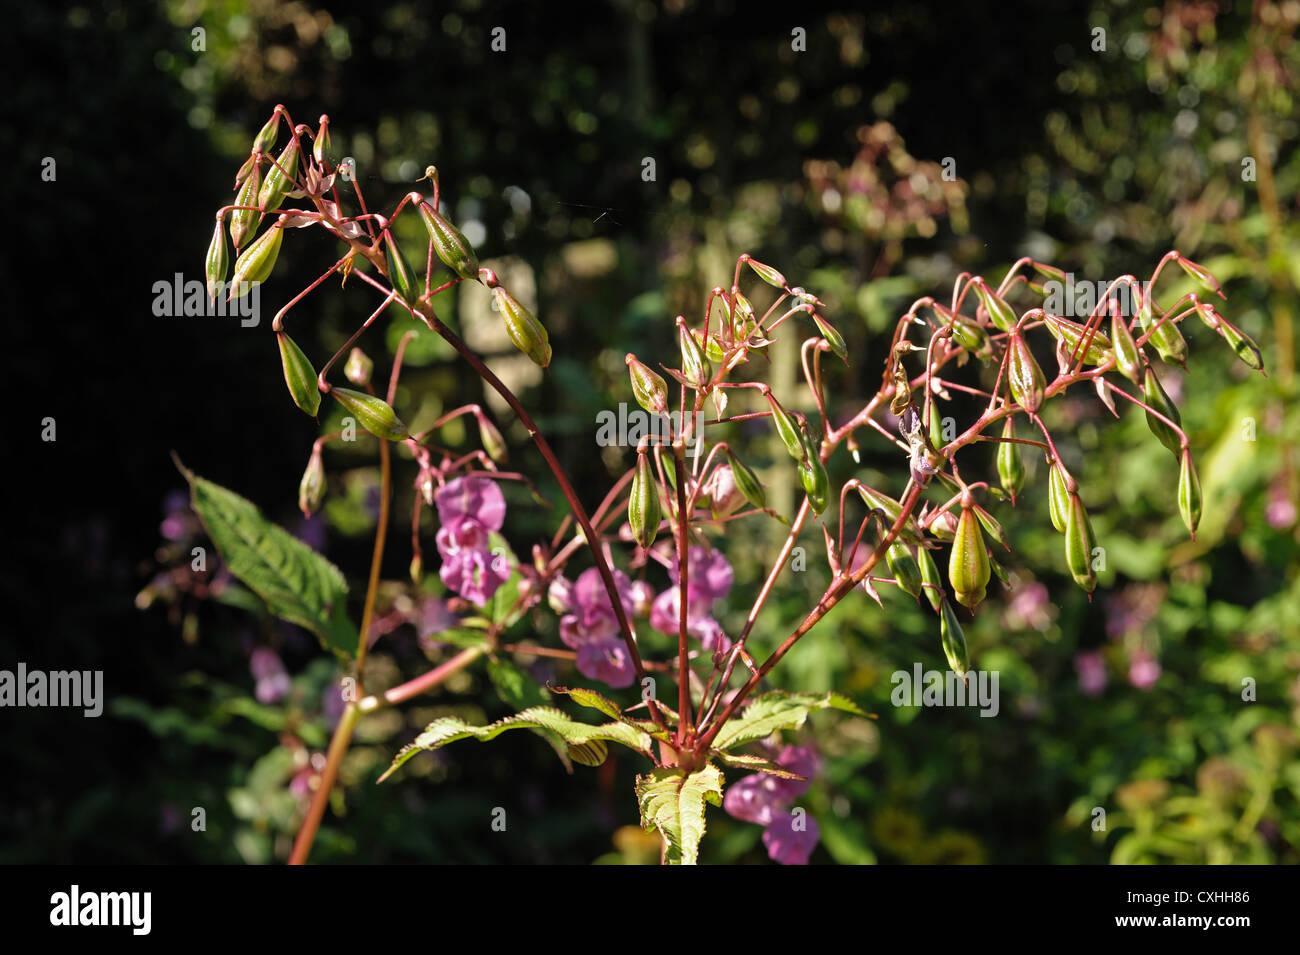 Himalayan (Balsamina Impatiens gladulifera) seedpods esplosiva e fiori di questa erbaccia invasiva Foto Stock